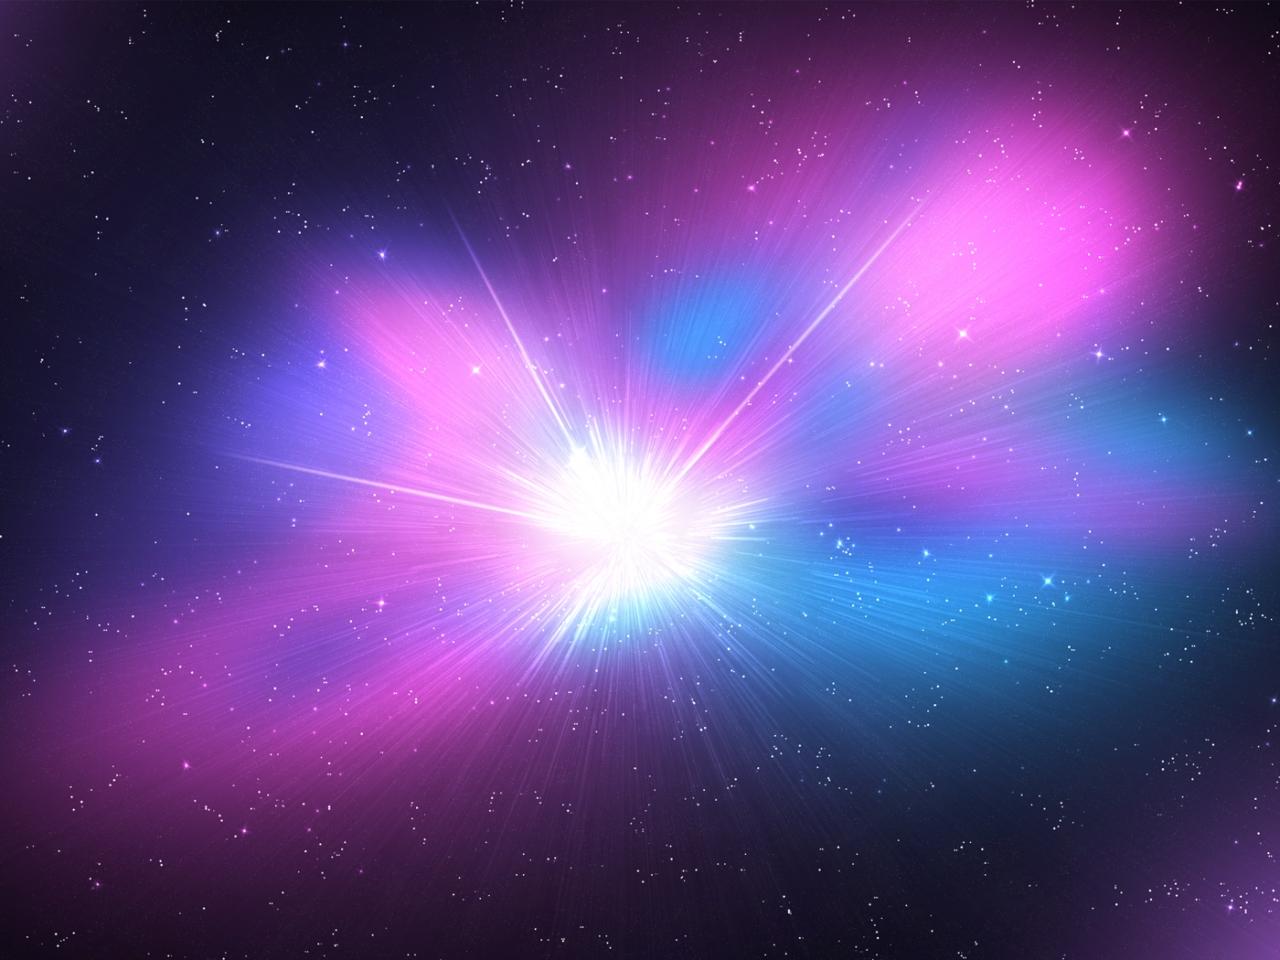 El espacio y galaxias - 1280x960